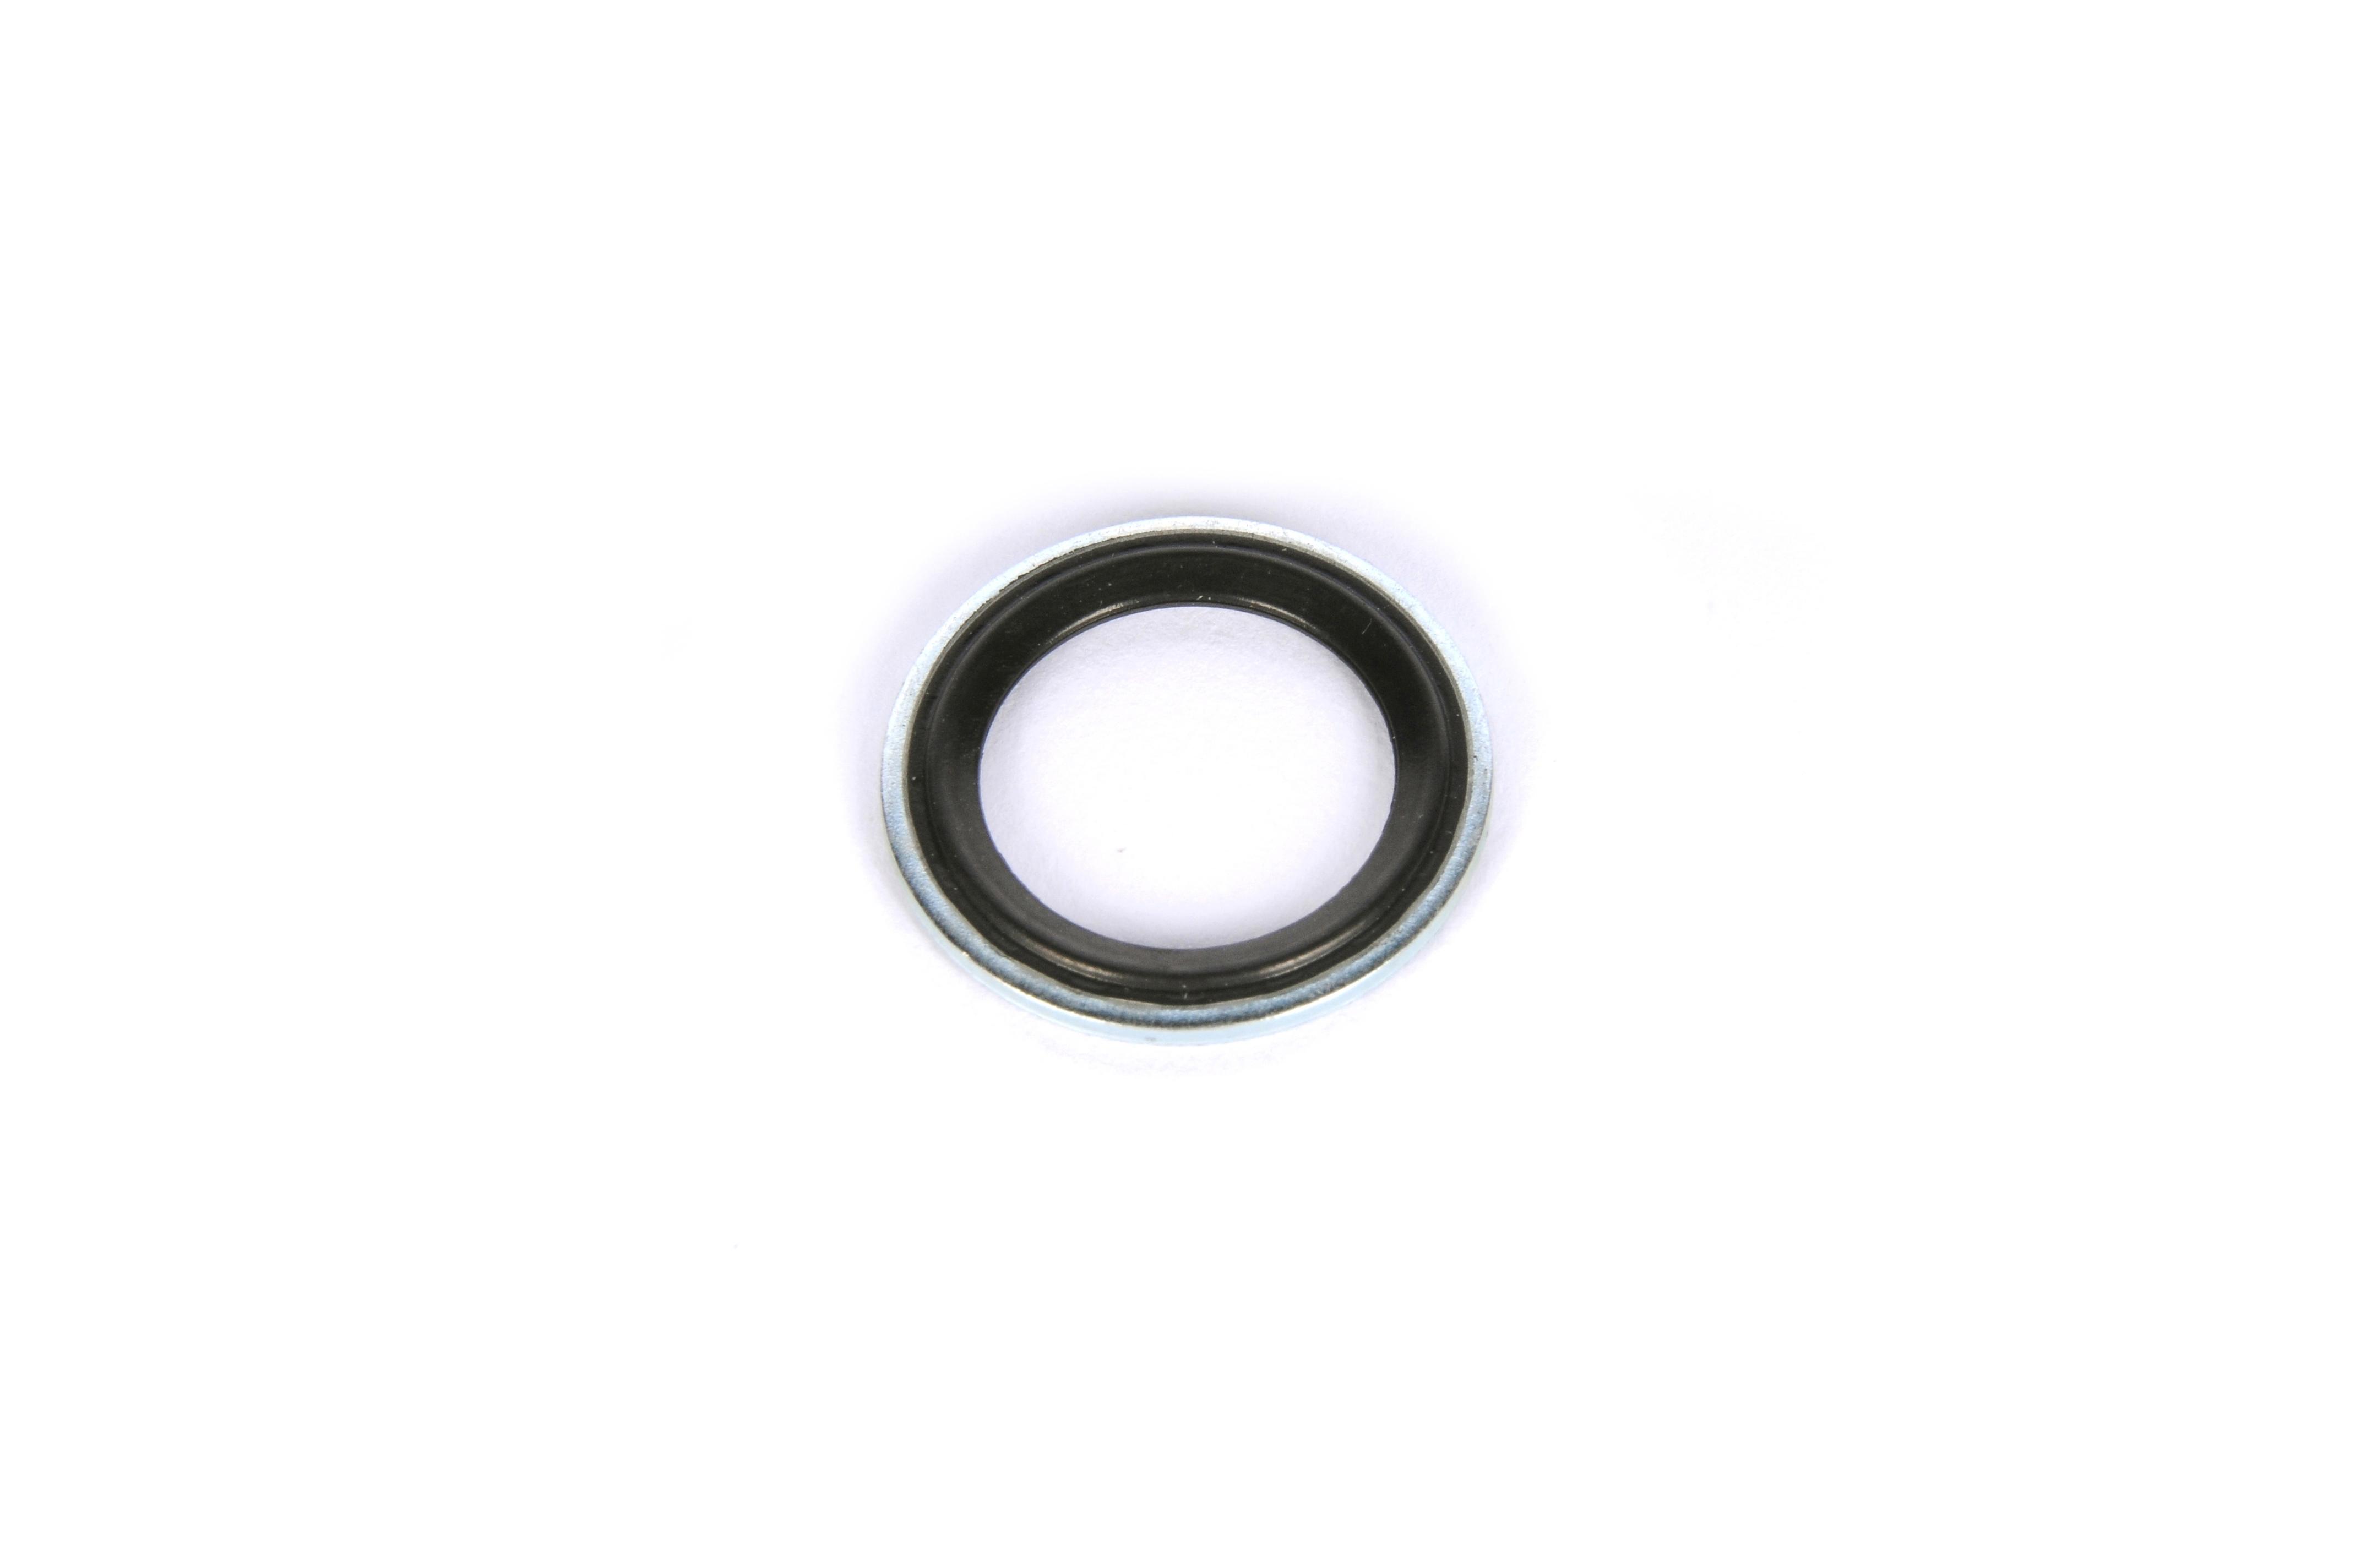 ACDELCO OE SERVICE CANADA - A/C Compressor Seal - DCG 92148180